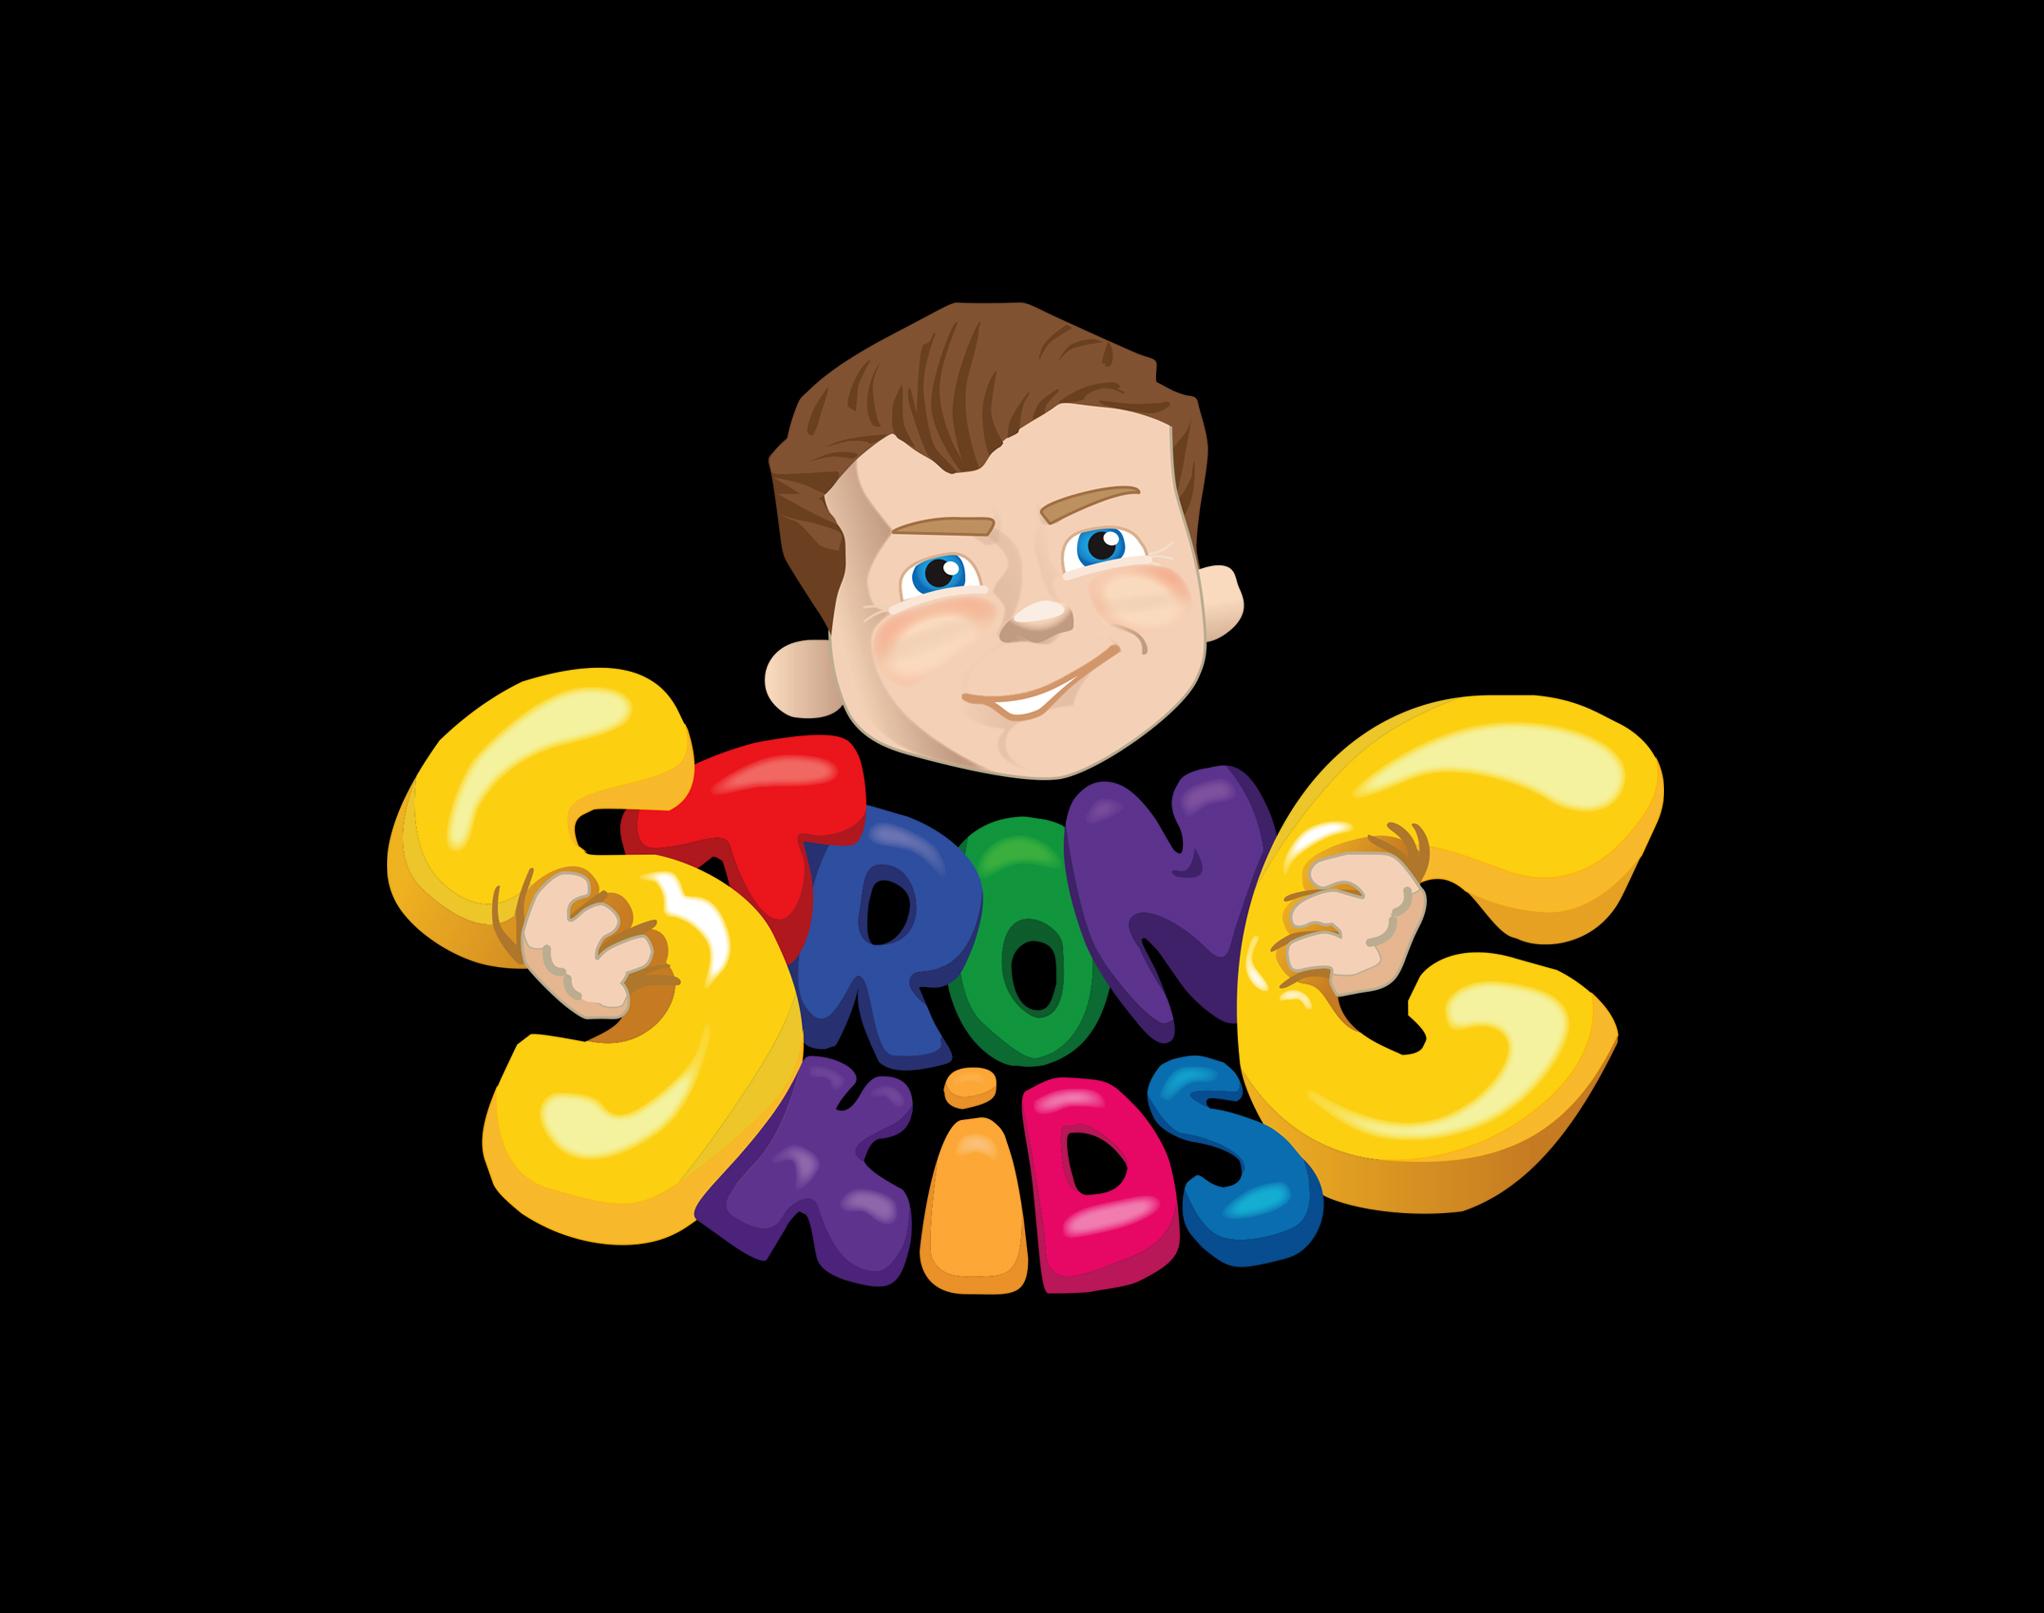 Логотип для Детского Интернет Магазина StrongKids фото f_4085c883cdd0950c.jpg